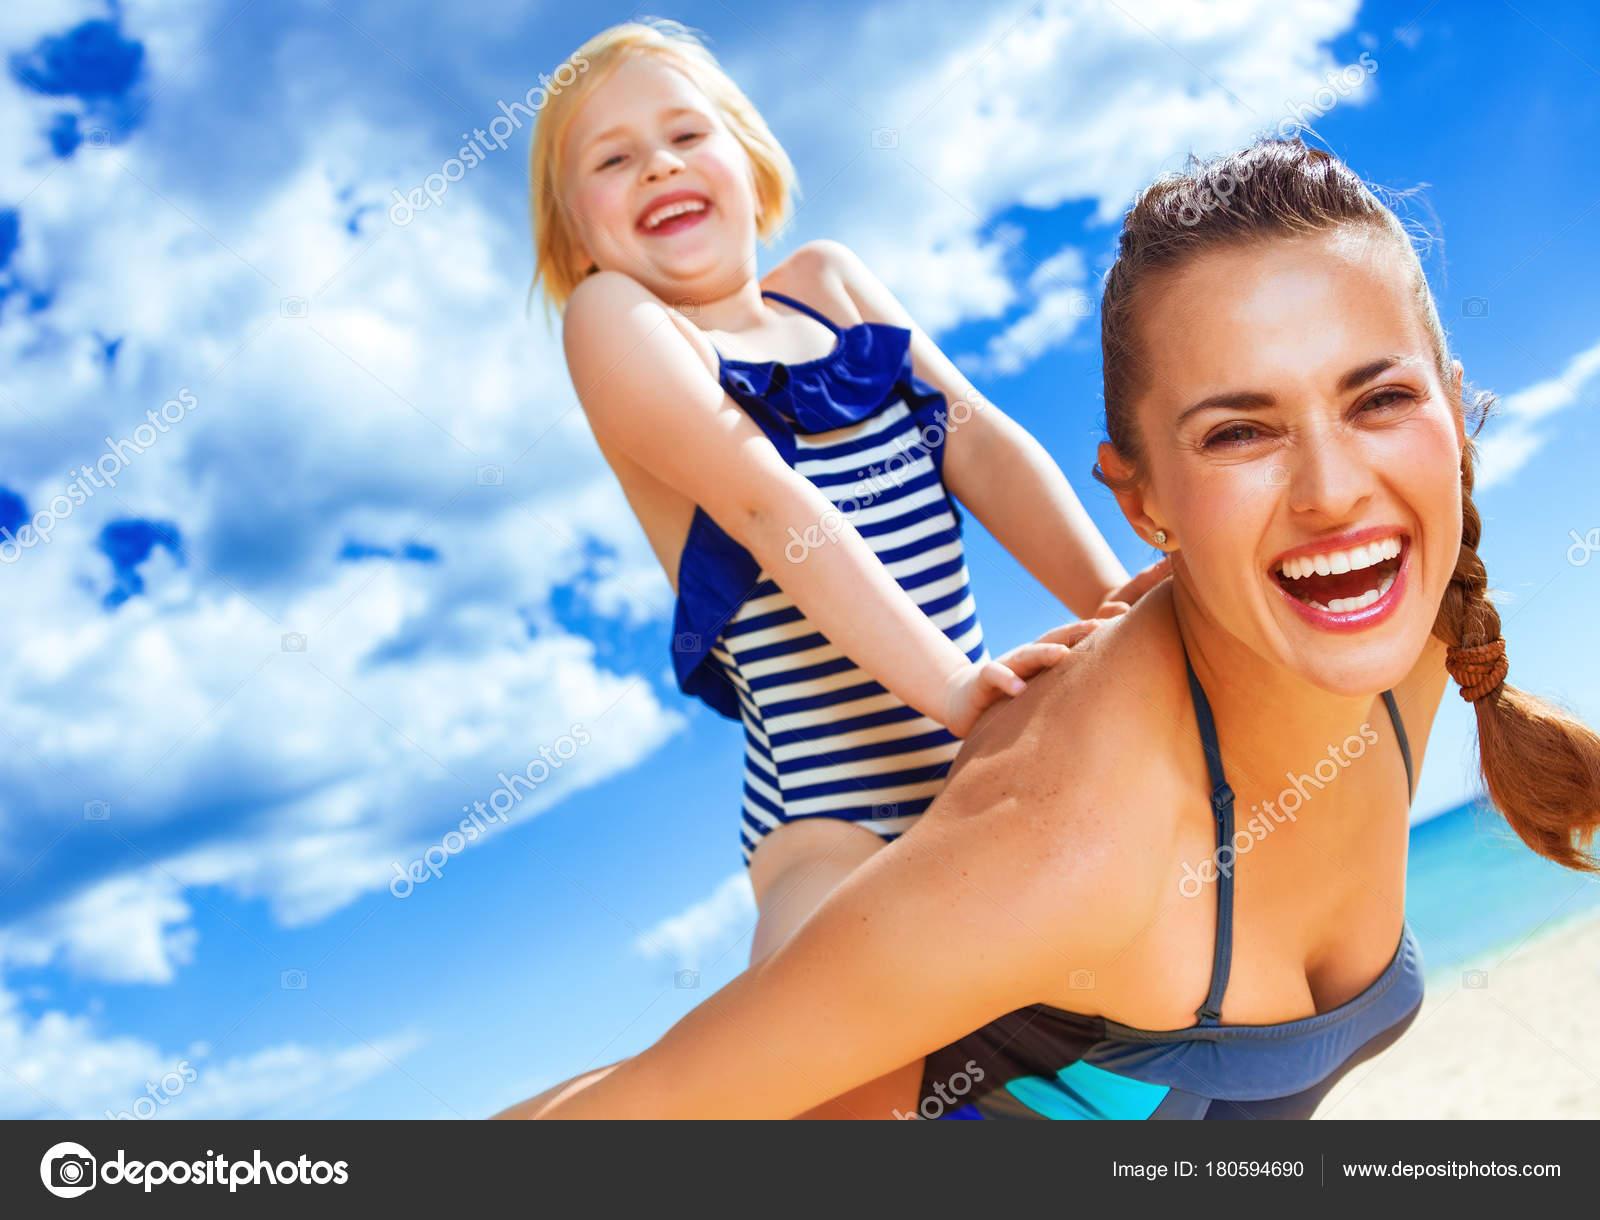 Costumi Da Bagno Per Bambino : Bellezza baciate dal sole allegra sana madre bambino costume bagno